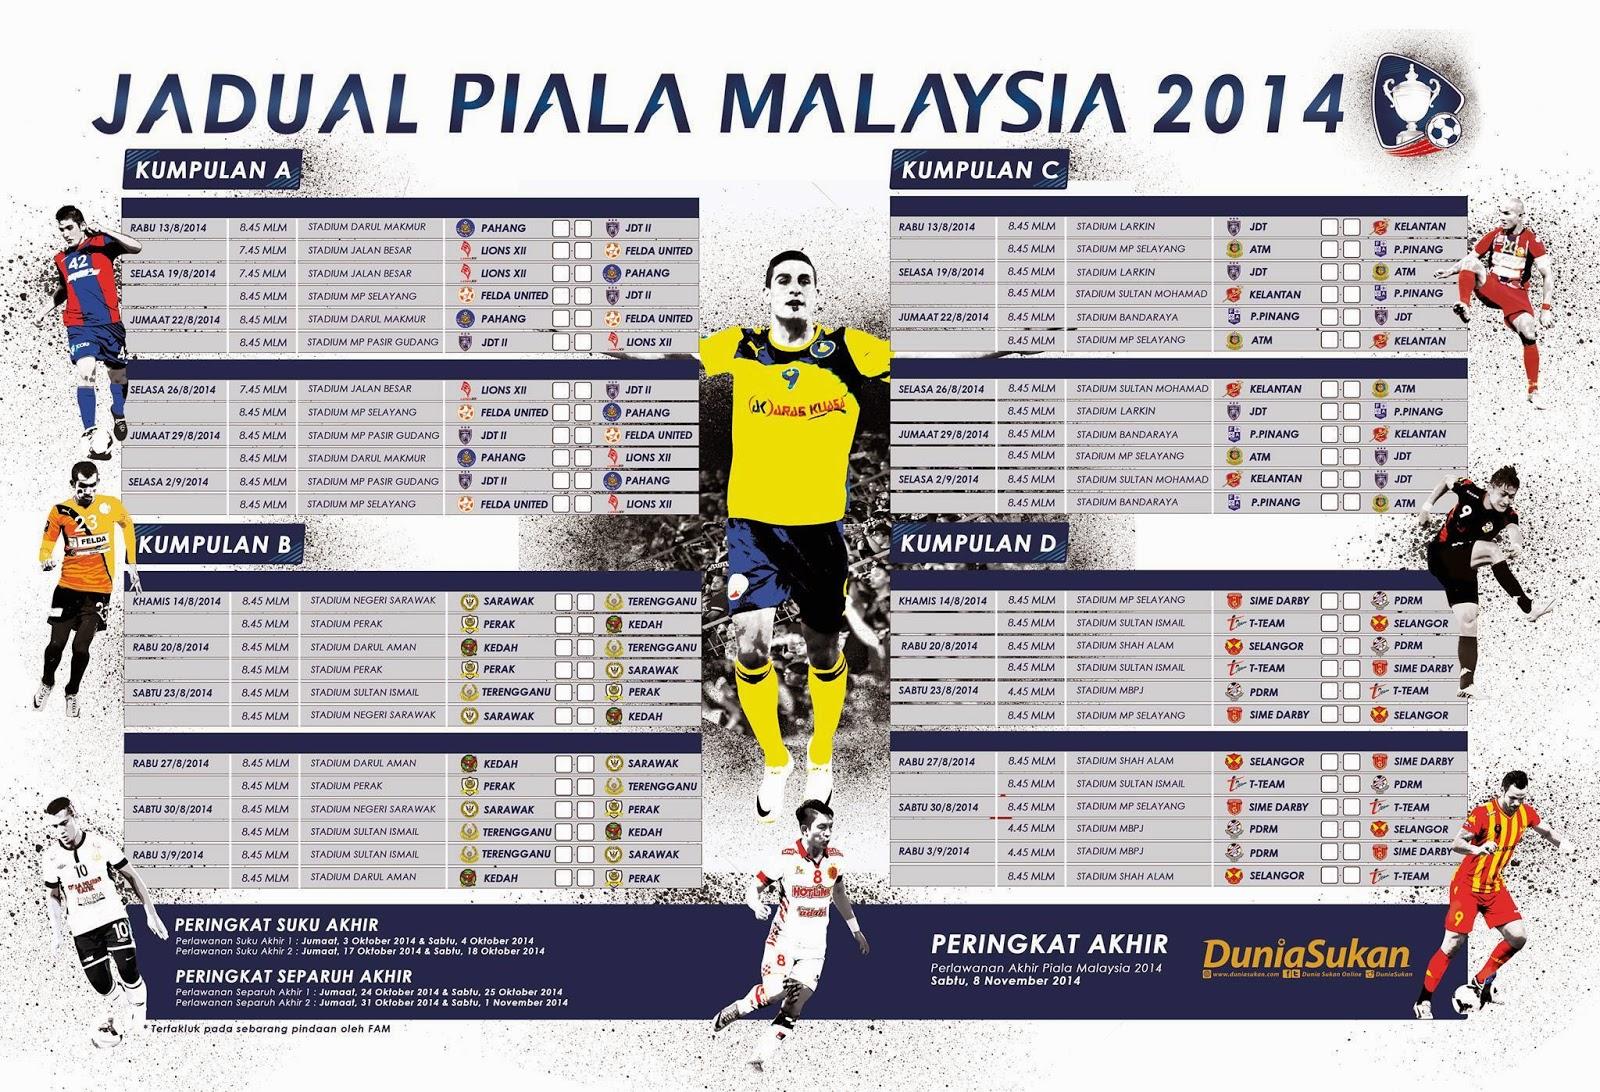 Jadual Penuh Perlawanan Piala Malaysia 2014